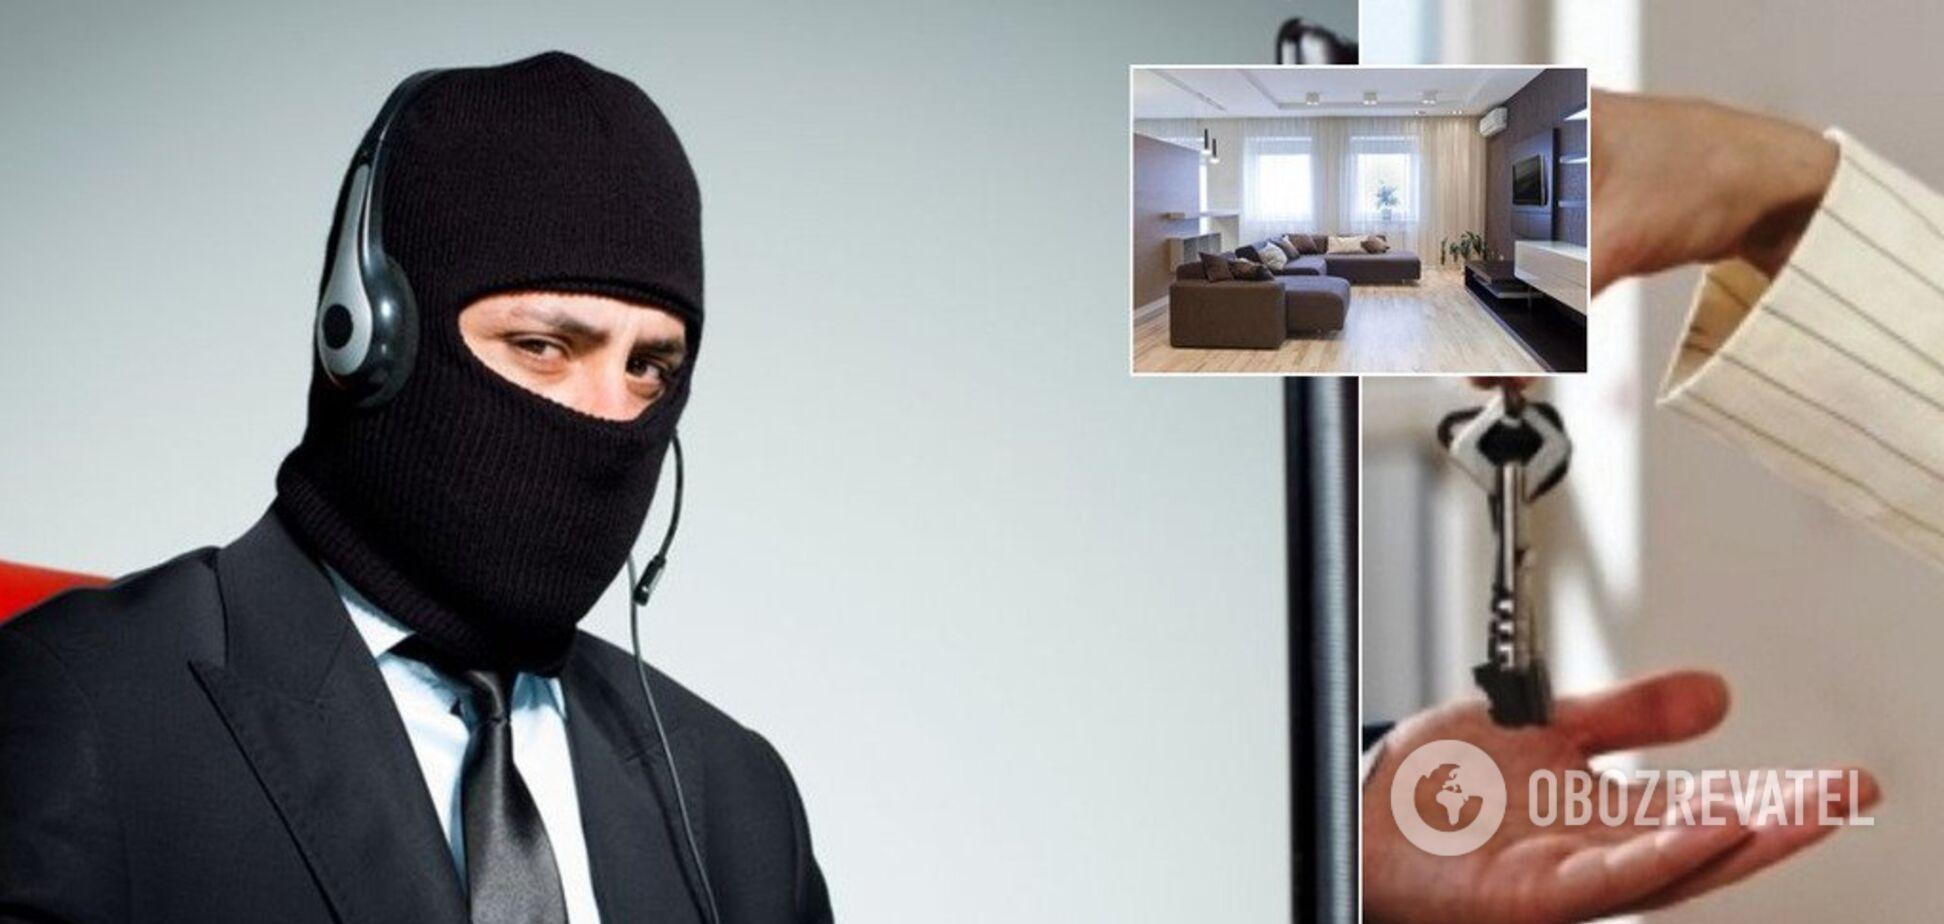 Шахраї на OLX: скільки коштує квартира і як дурять українців